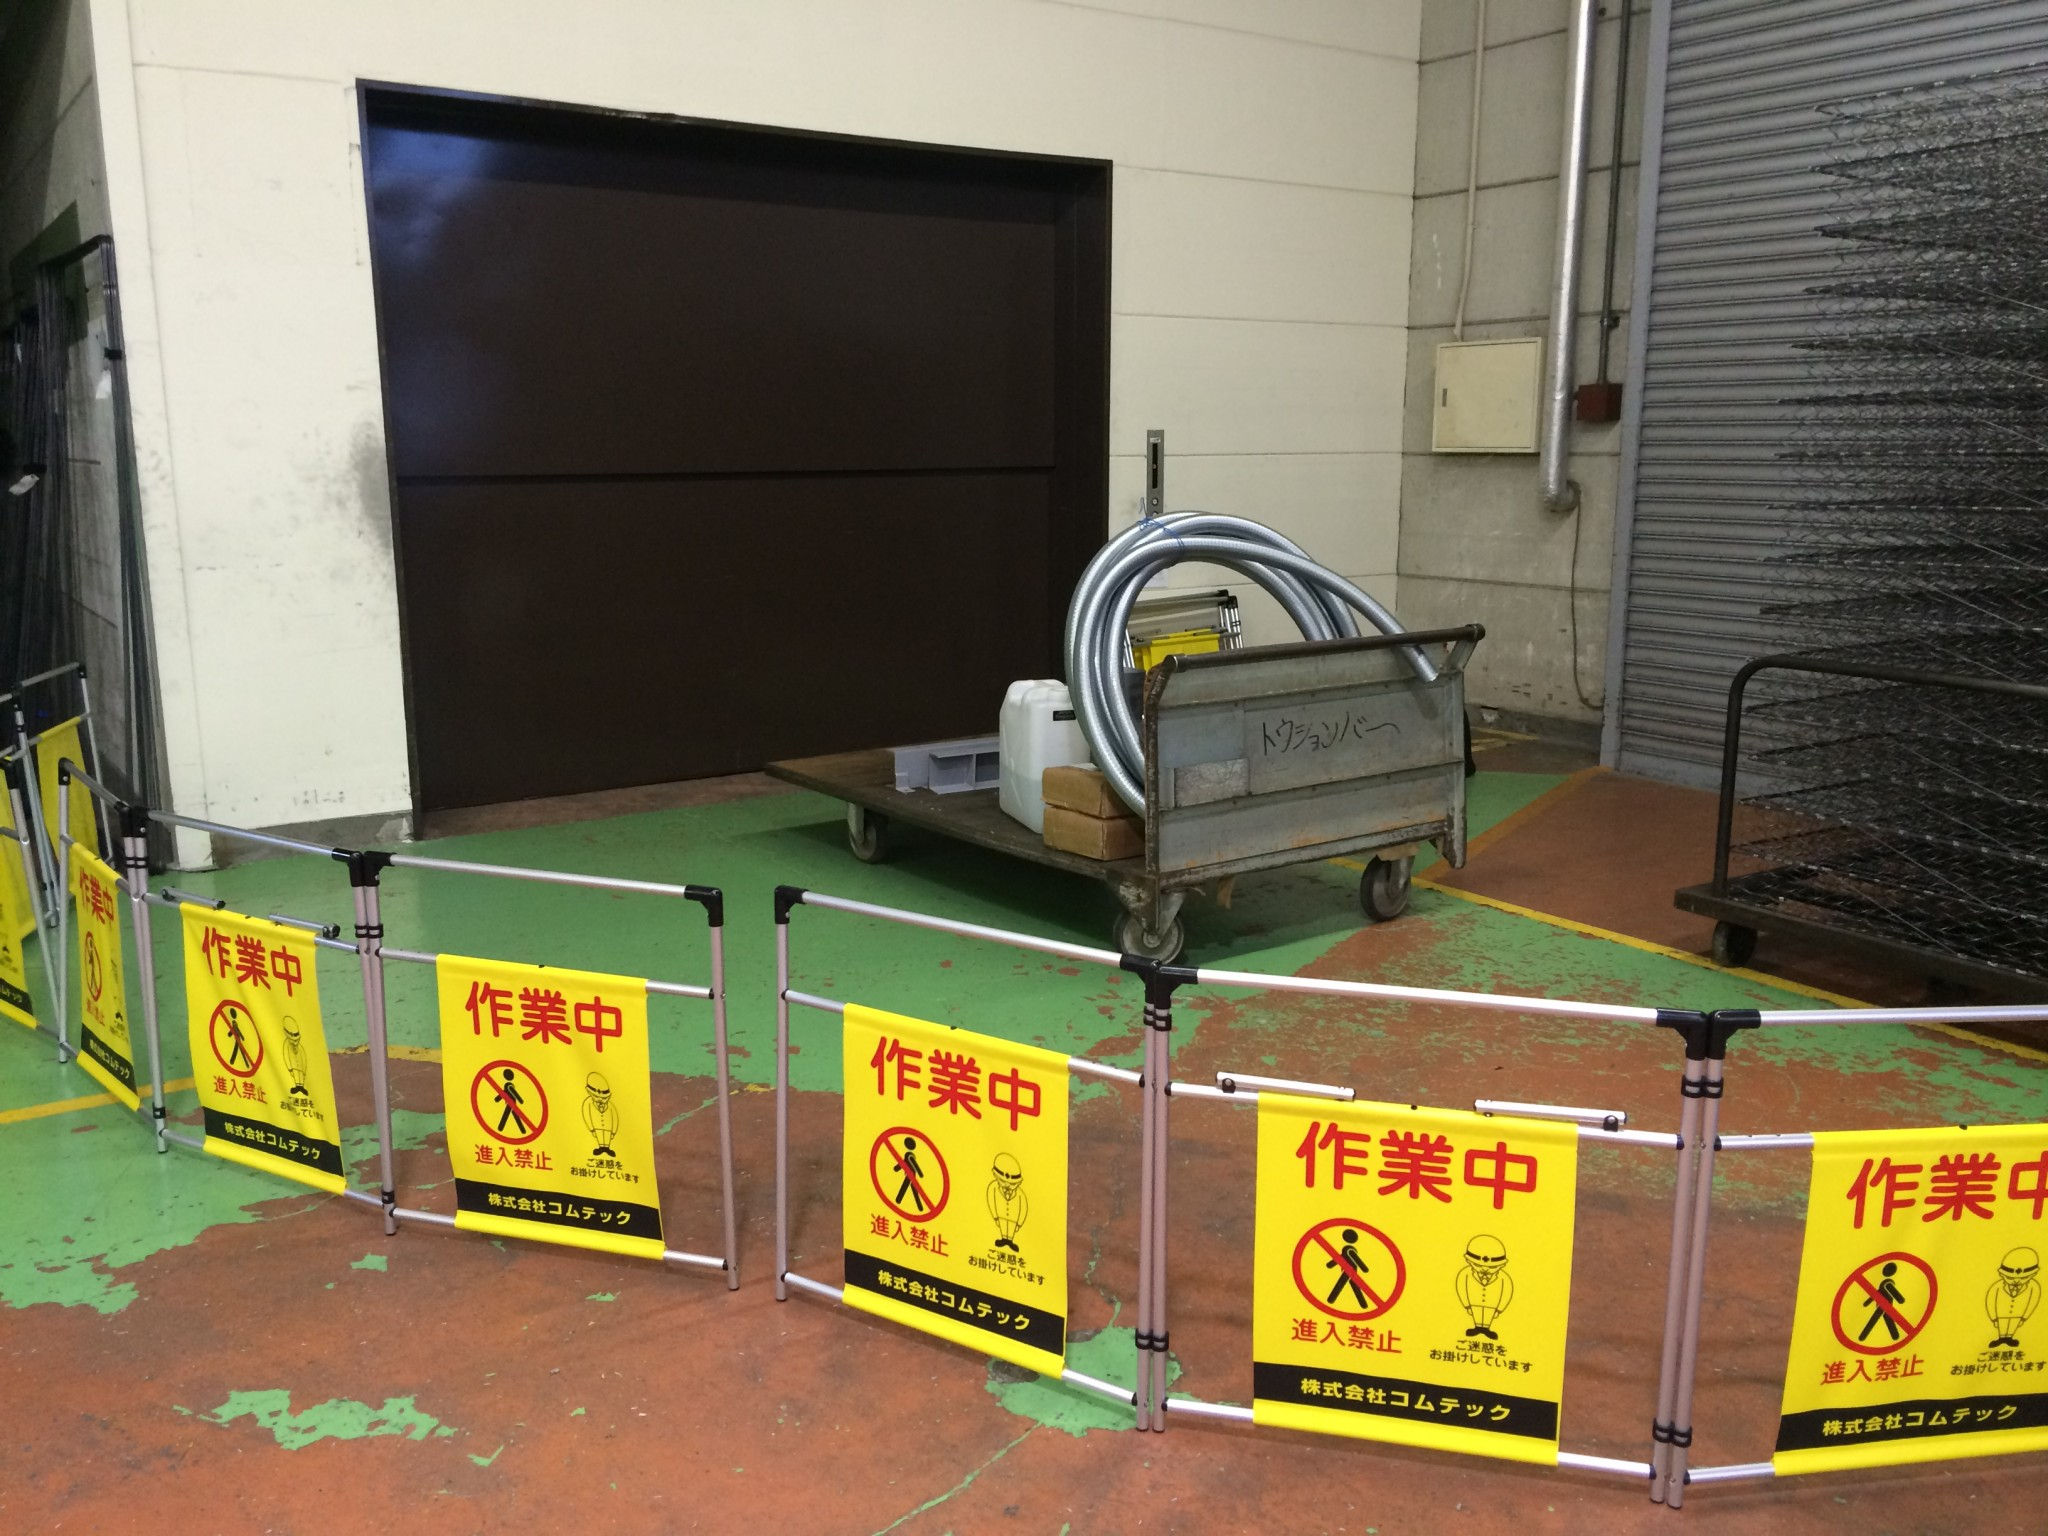 荷物用エレベーター乗場(アップスライドドア)